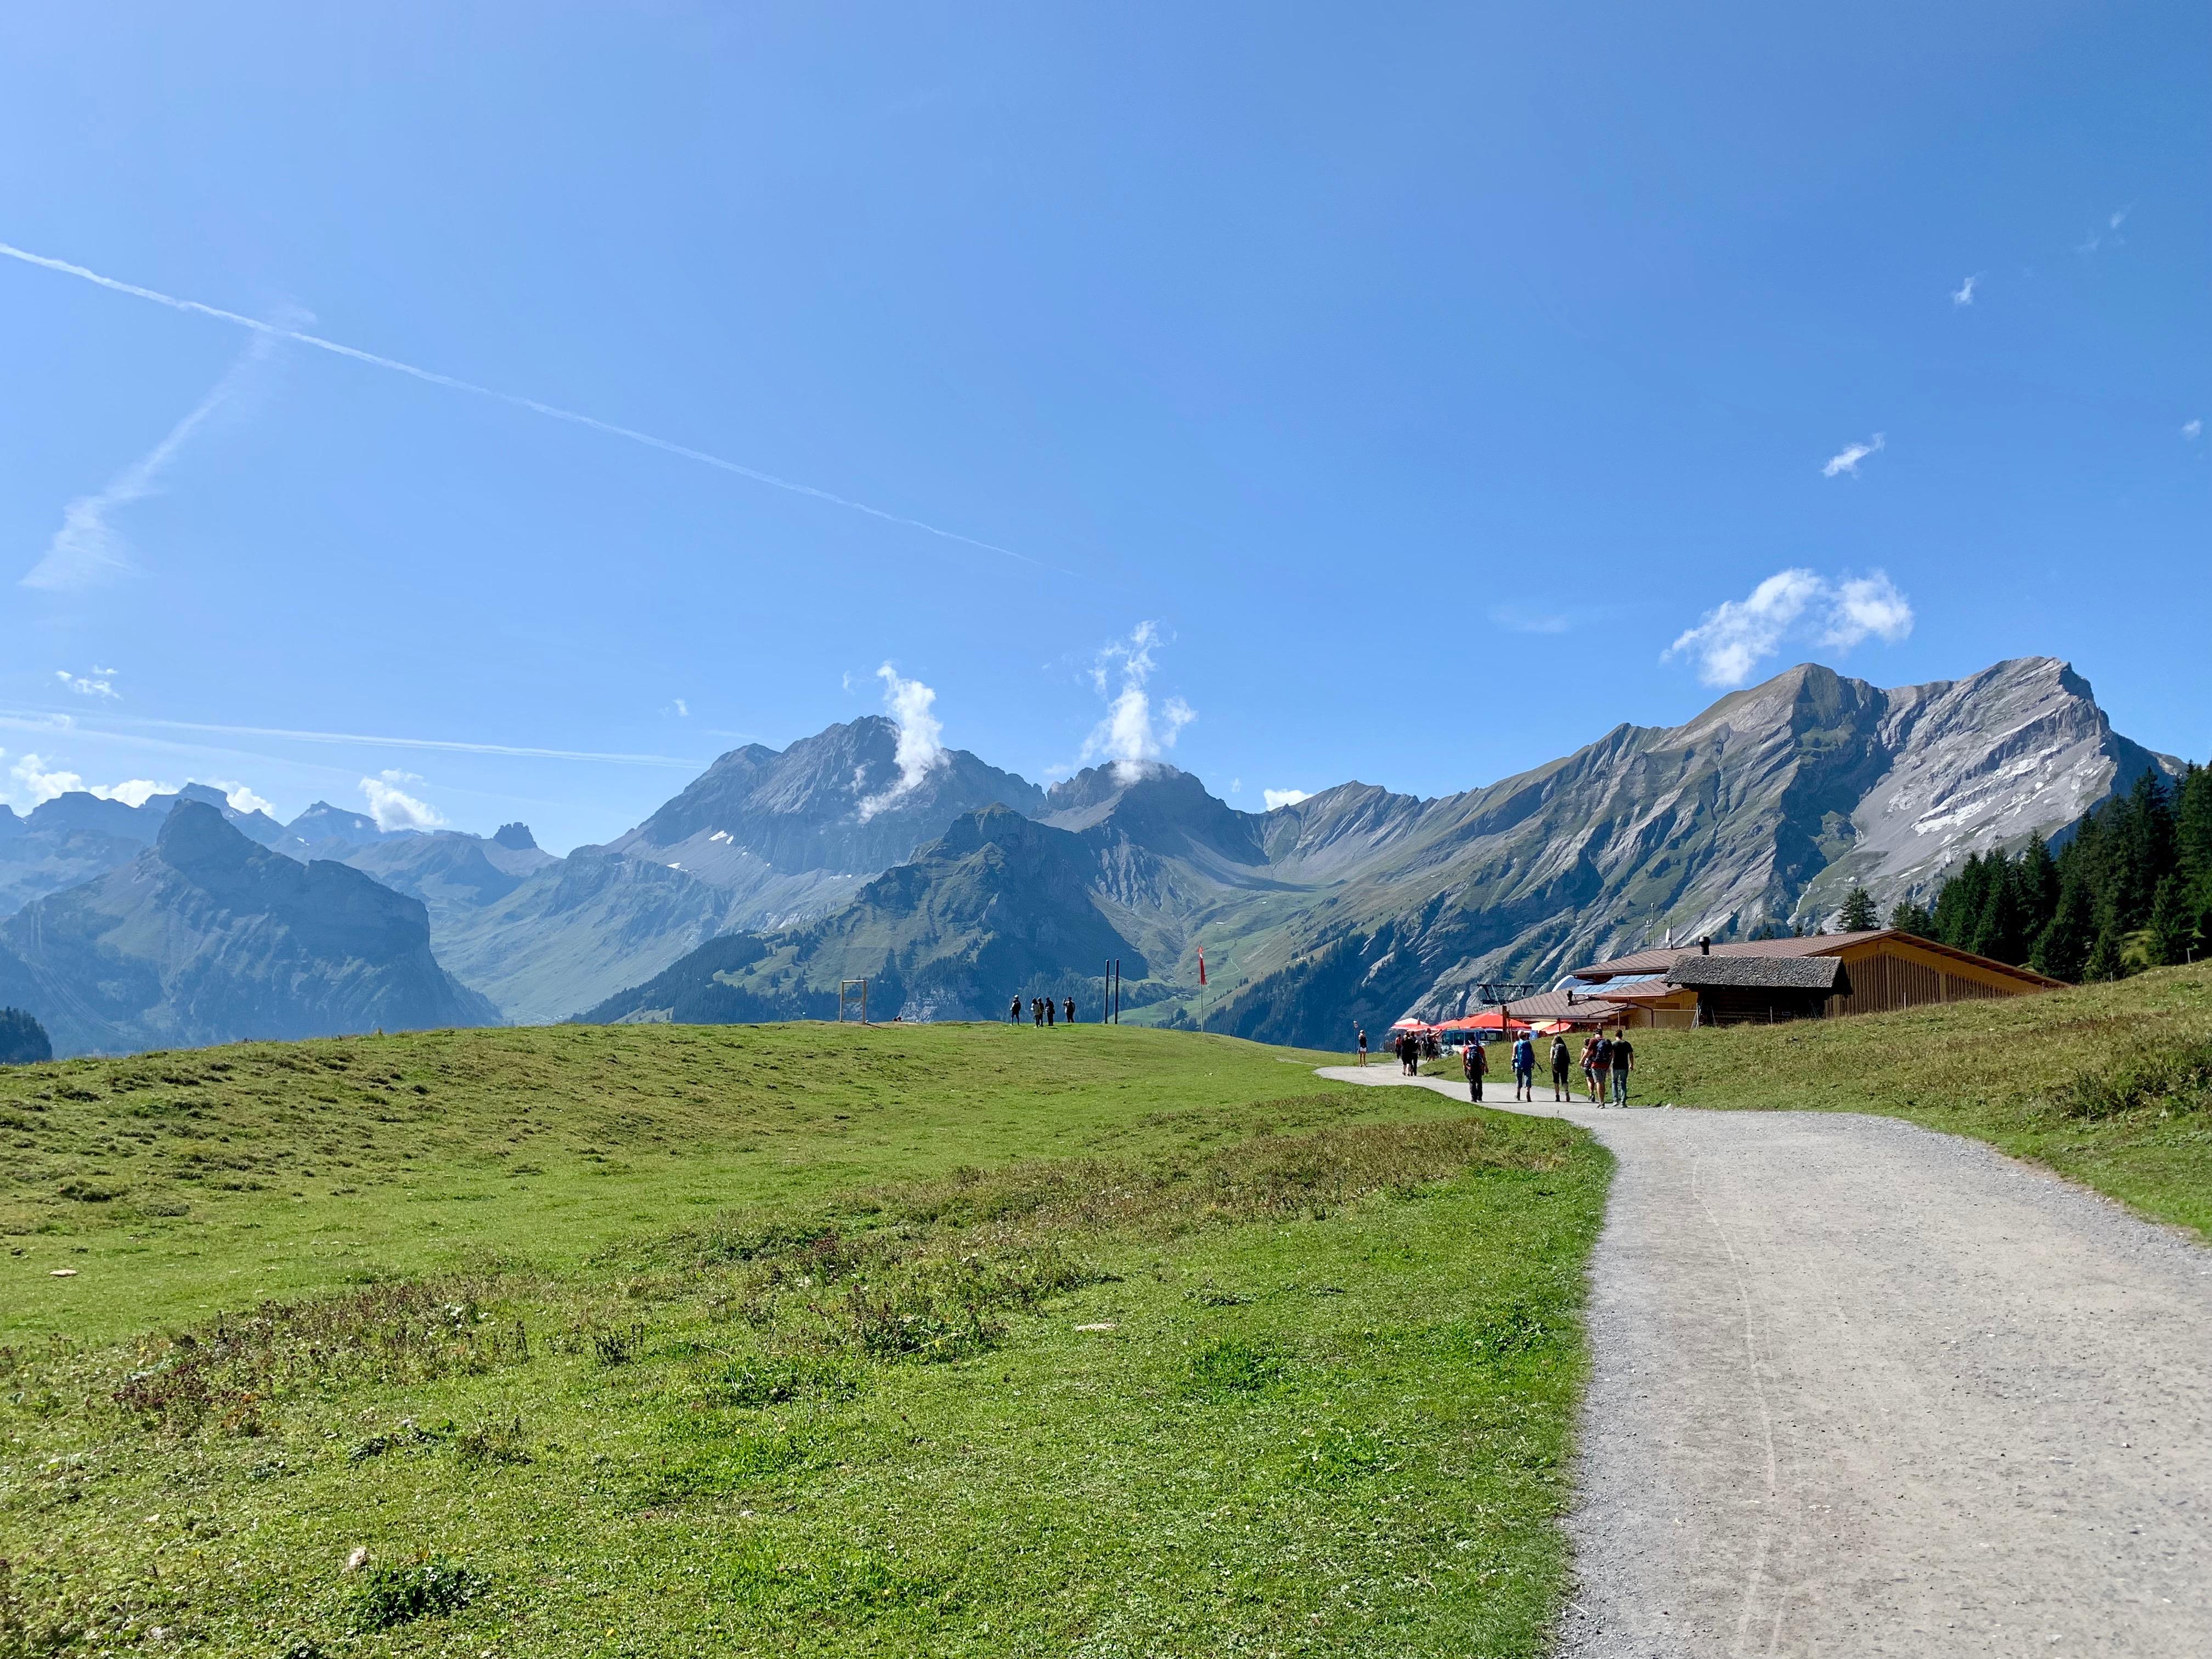 randonnée dans les alpes bernoises de suisse